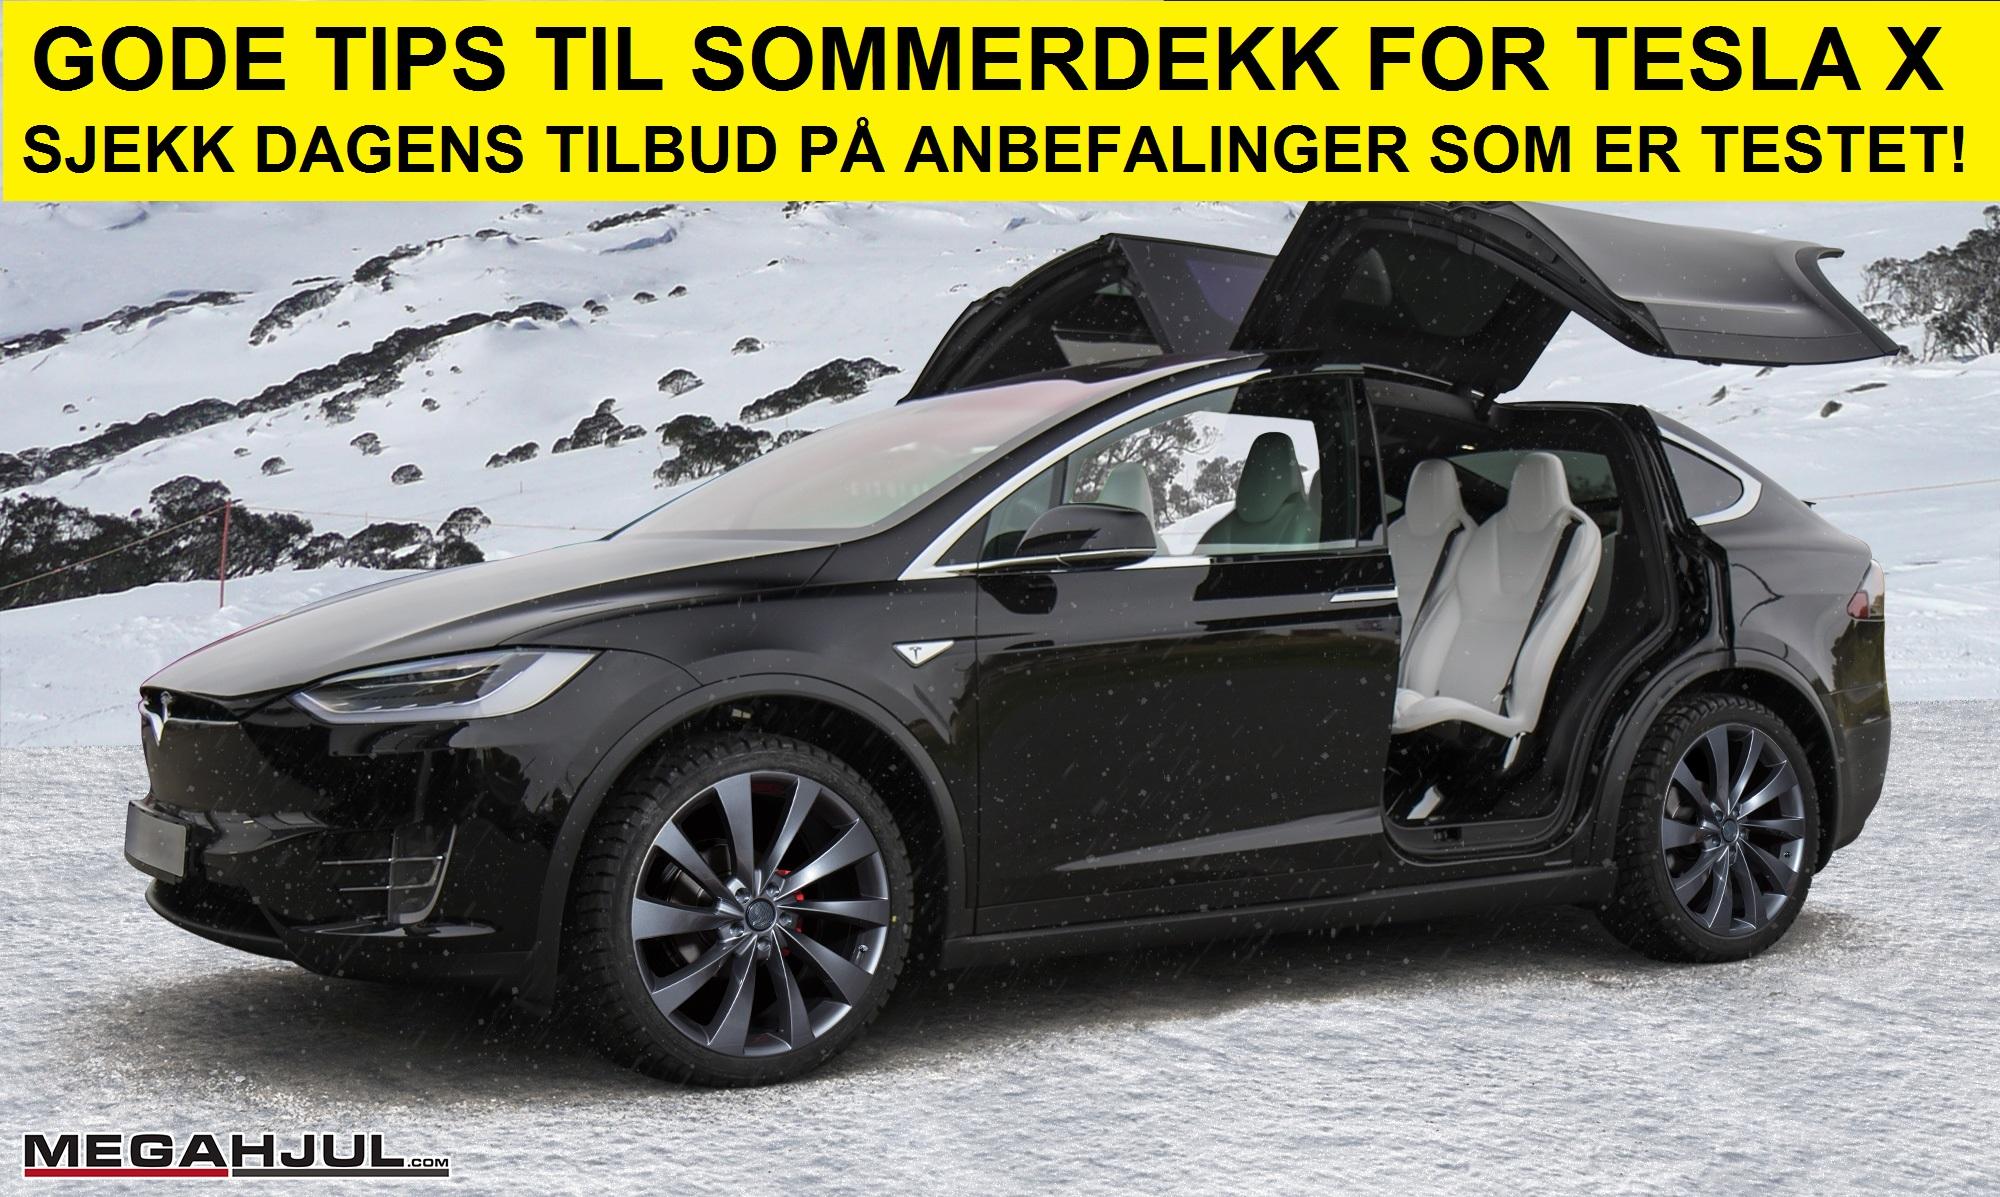 Tesla model X sommerdekk tips som er testet finner du her